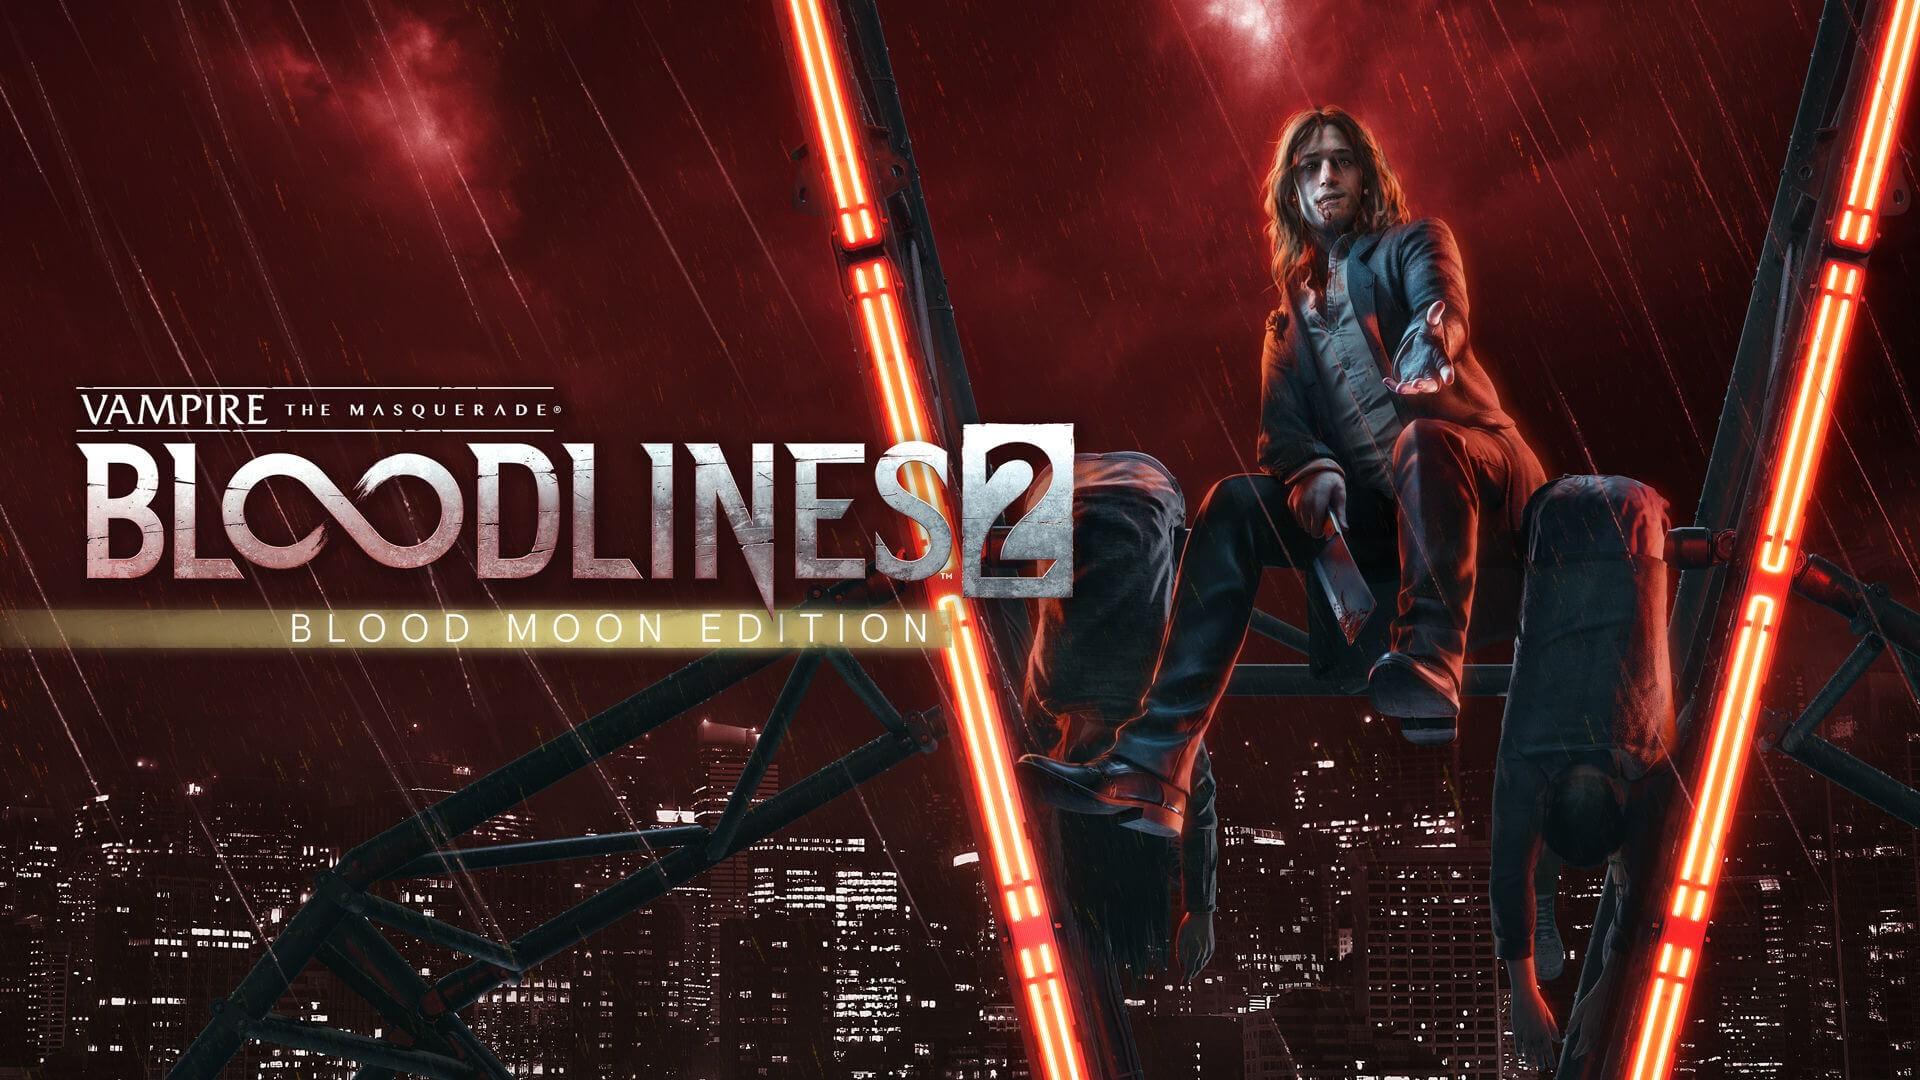 سازندگان Vampire: The Masquerade – Bloodlines 2 به ابعاد واقع گرایانهی اجتماعی در بازی اشاره میکنند